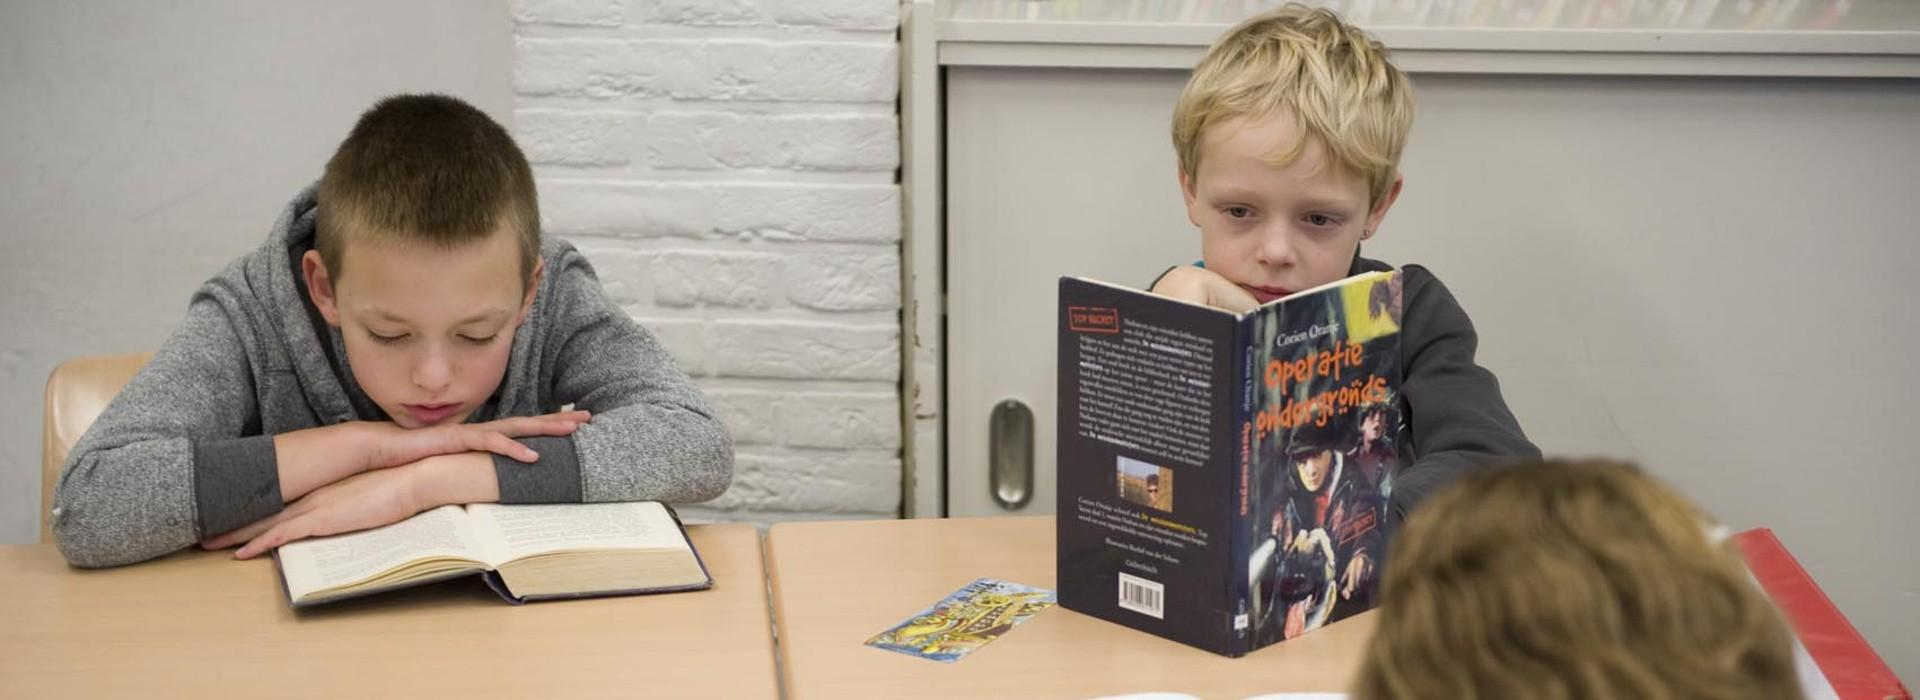 SWS De Leister Igge - basisschool in Opeinde